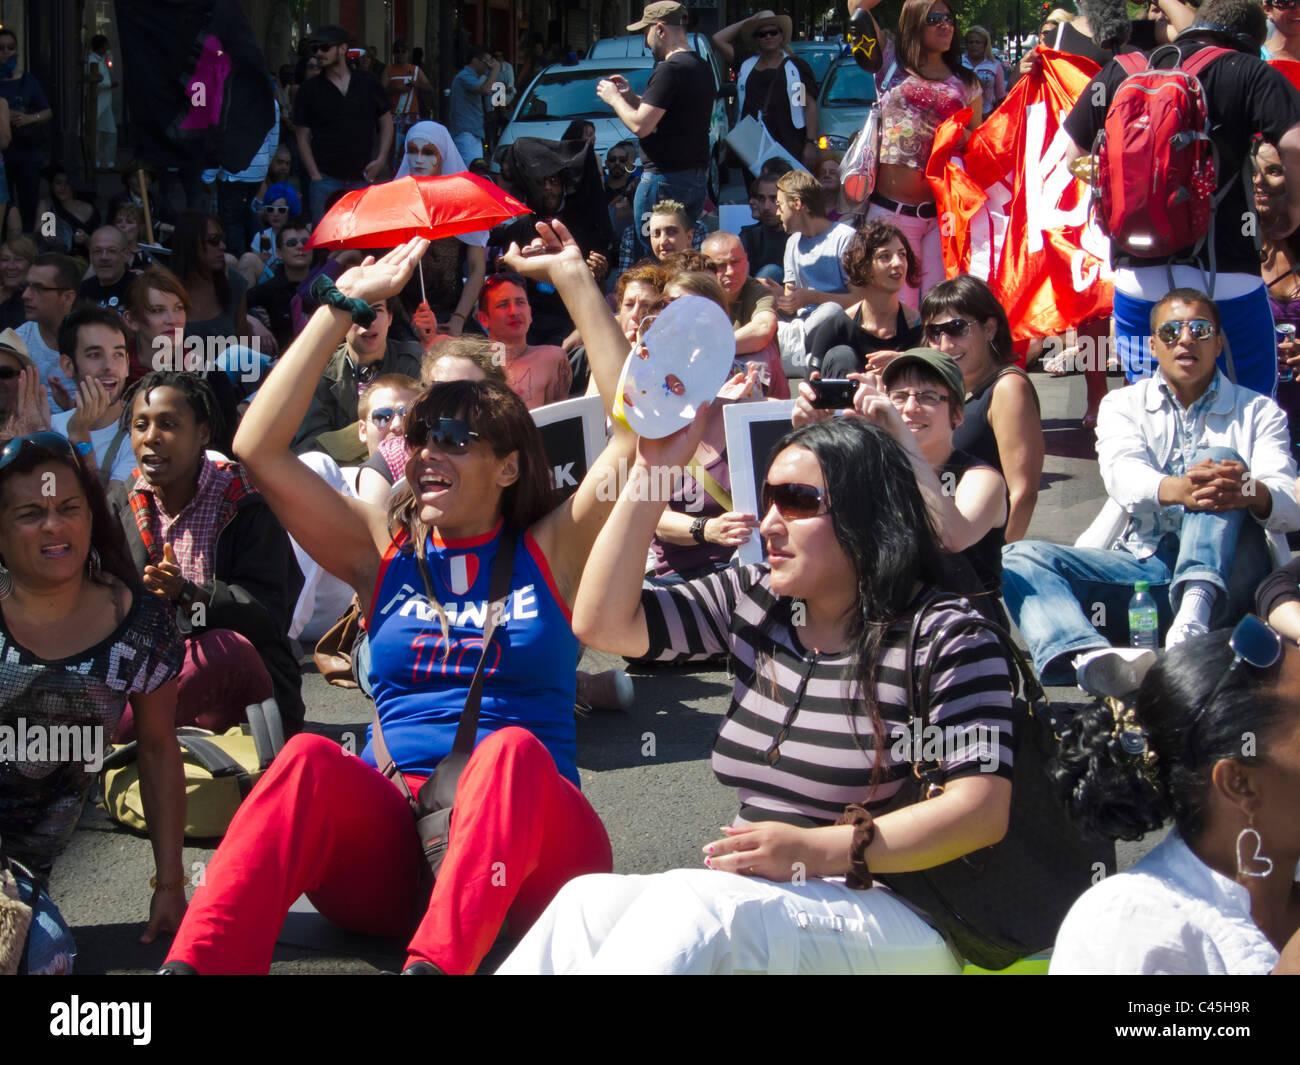 Paris, France, Crowd of Migrant Prostitutes